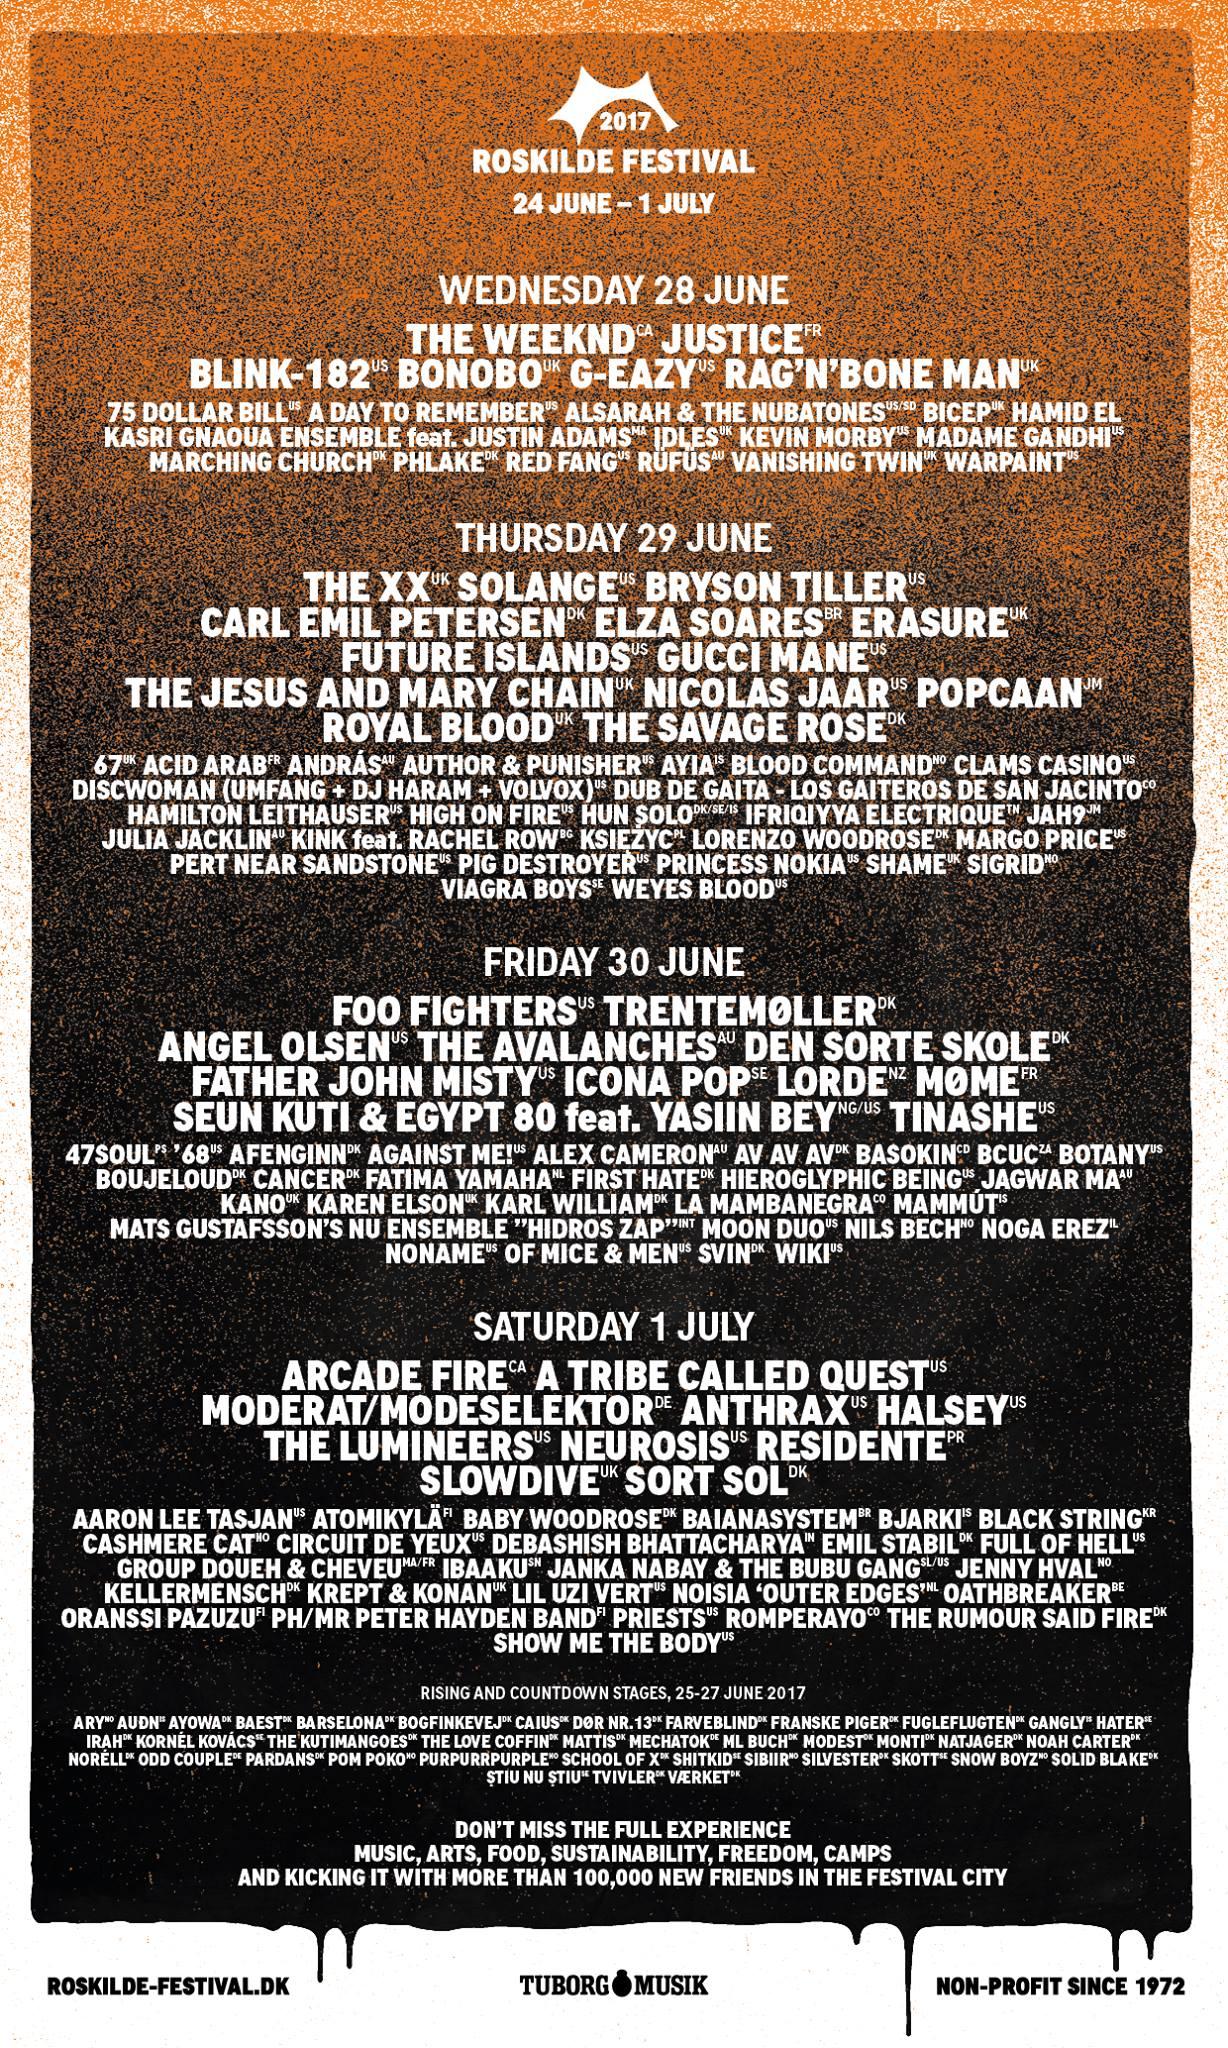 Das finale Line-up des Roskilde Festivals 2017